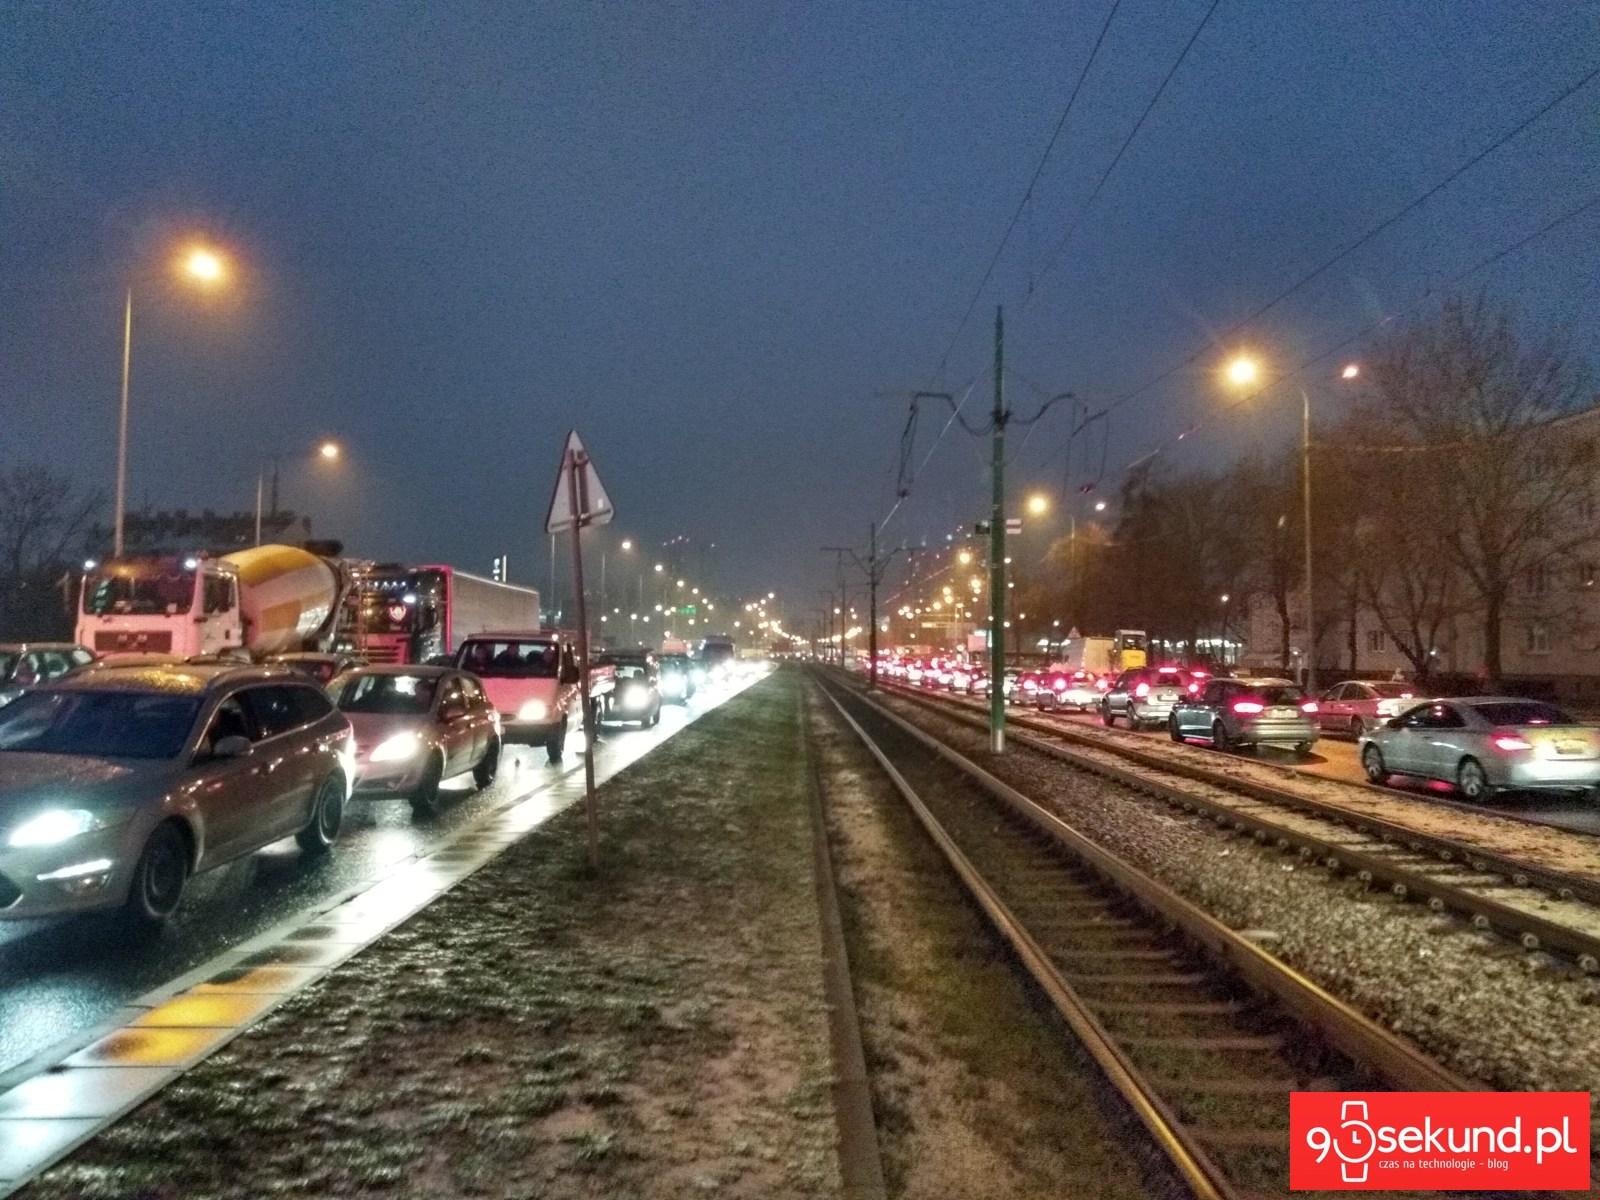 Zdjęcie wykonane przez Motorolę One - Michał Brożyński 90sekund.pl